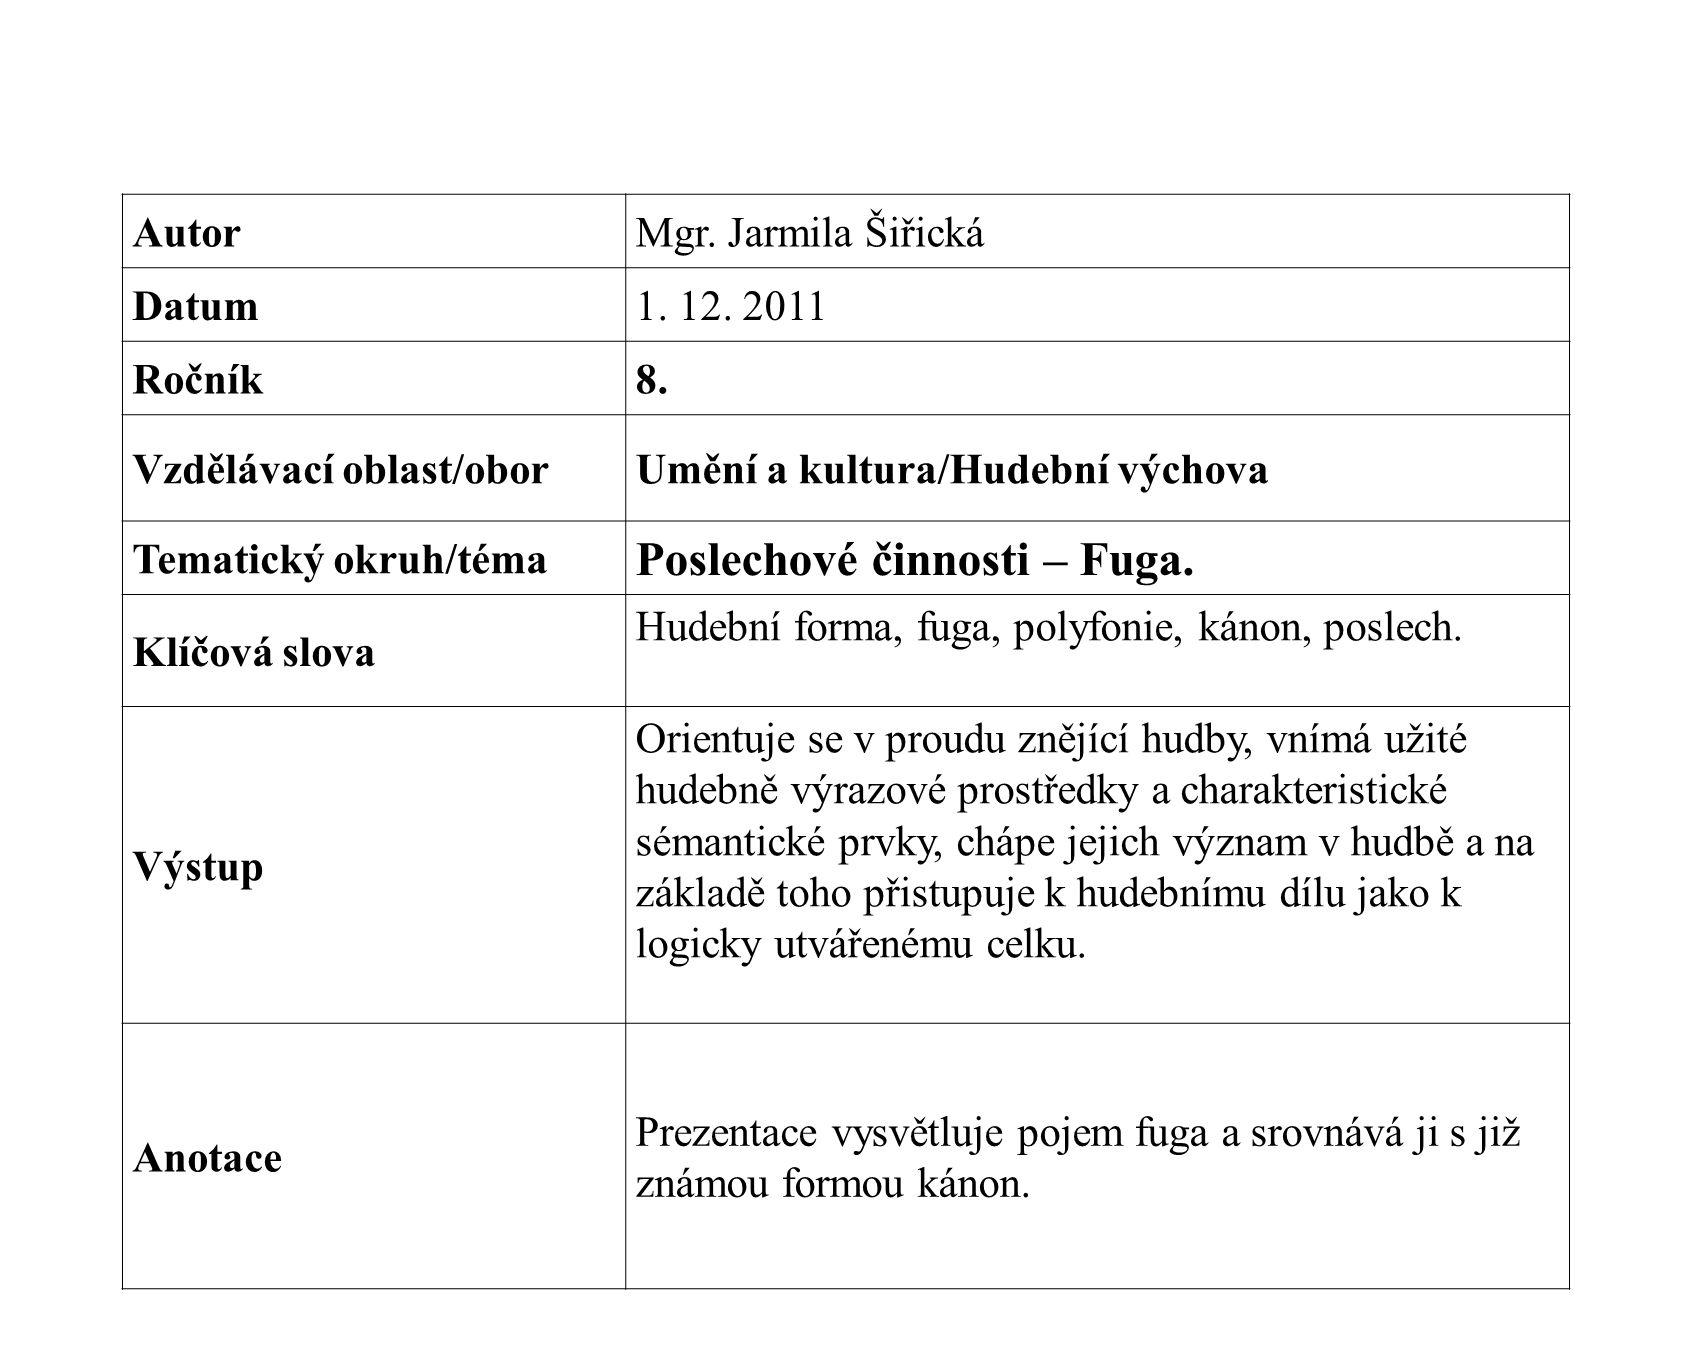 Fakultní základní škola Olomouc, Hálkova 4, příspěvková organizace EU PENÍZE ŠKOLÁM Projekt Moderní škola reg. č. CZ.1.07/1.4.00/21.1857 Autorem mater